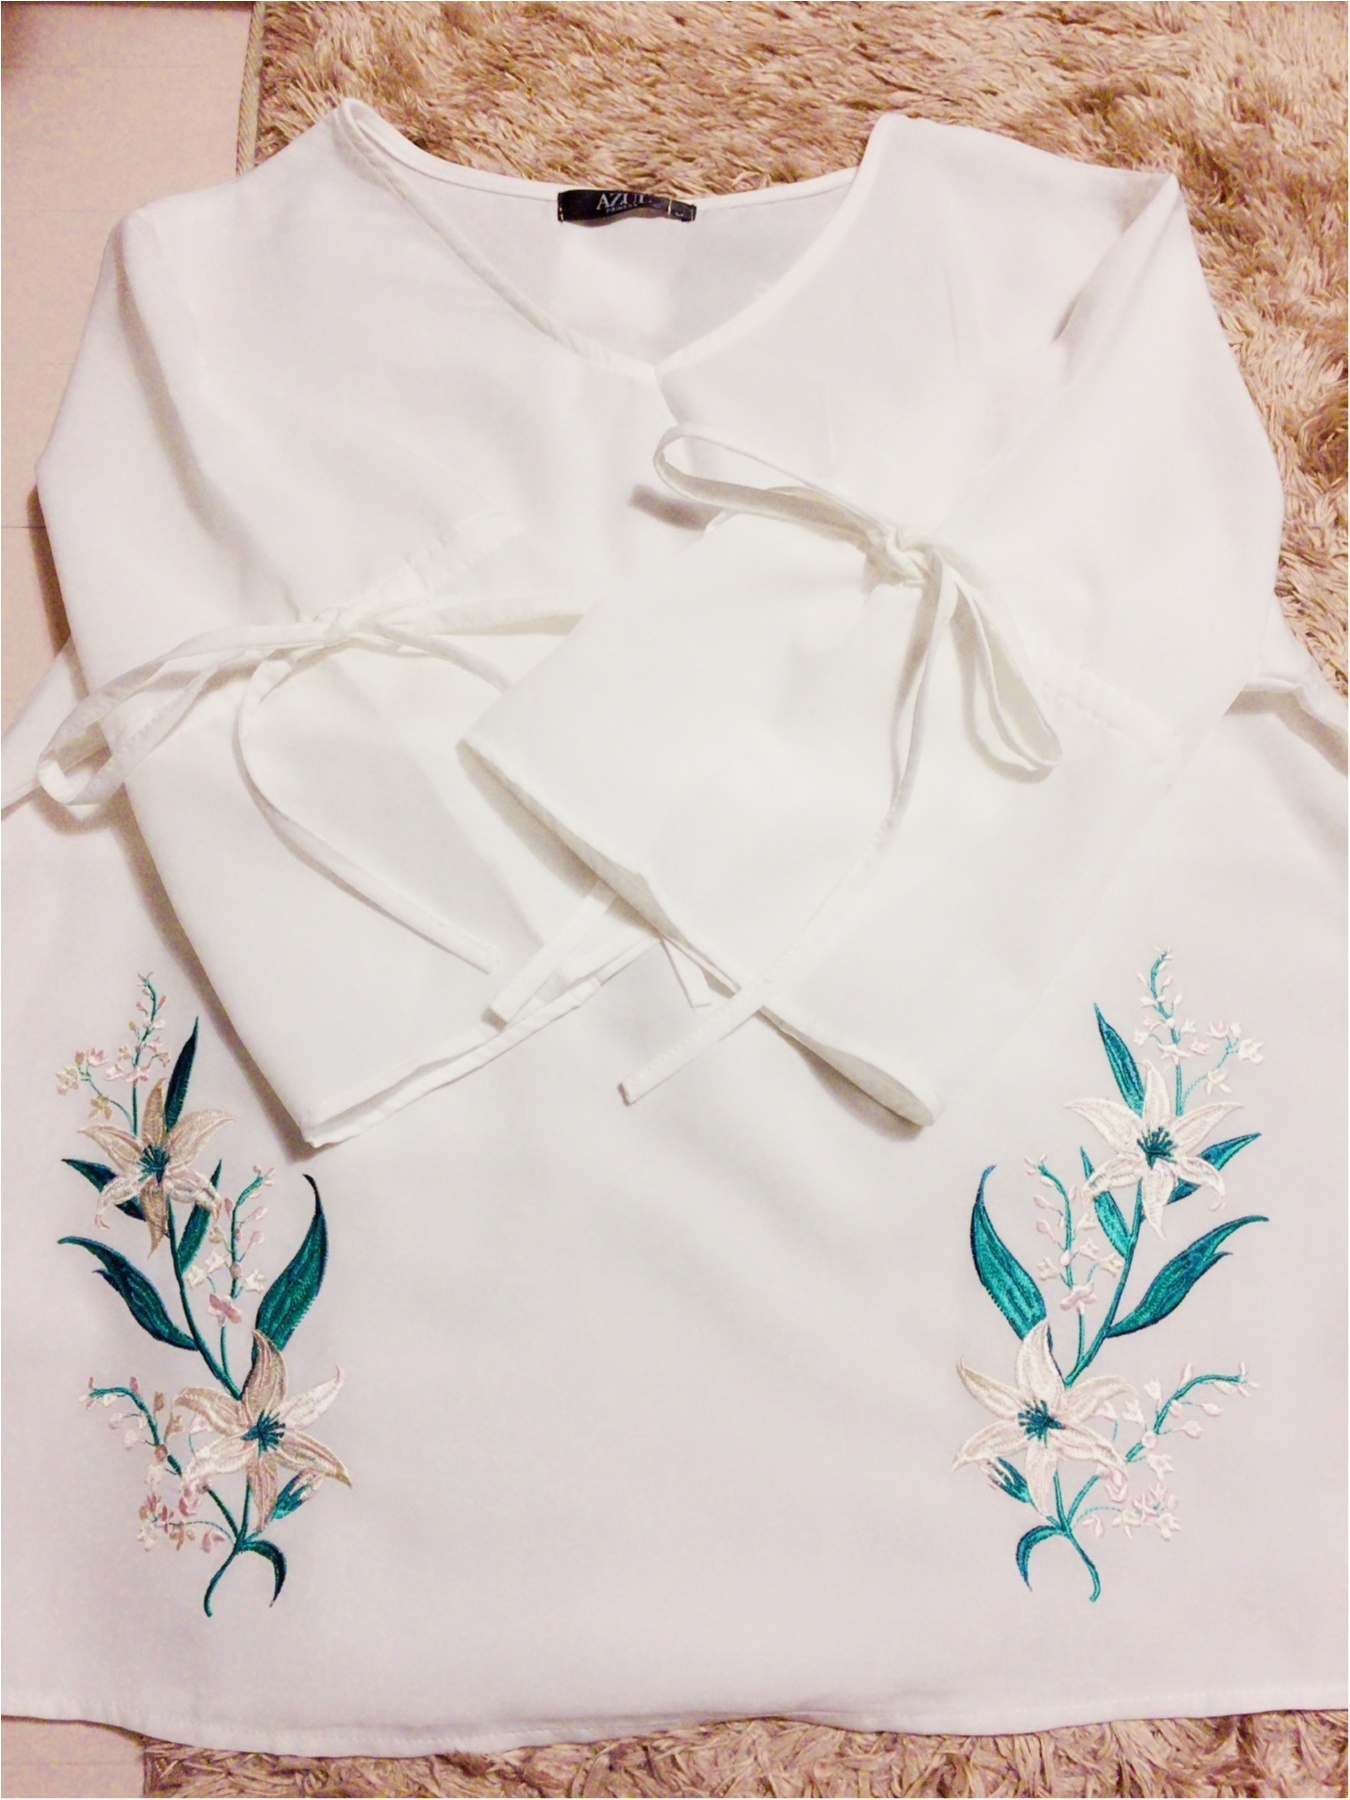 ♡【しまむらパトロール】この春トレンドの刺繍ブラウスが驚きの価格!!トレンドアイテムはしまむらでGetしちゃいましょう♡_1